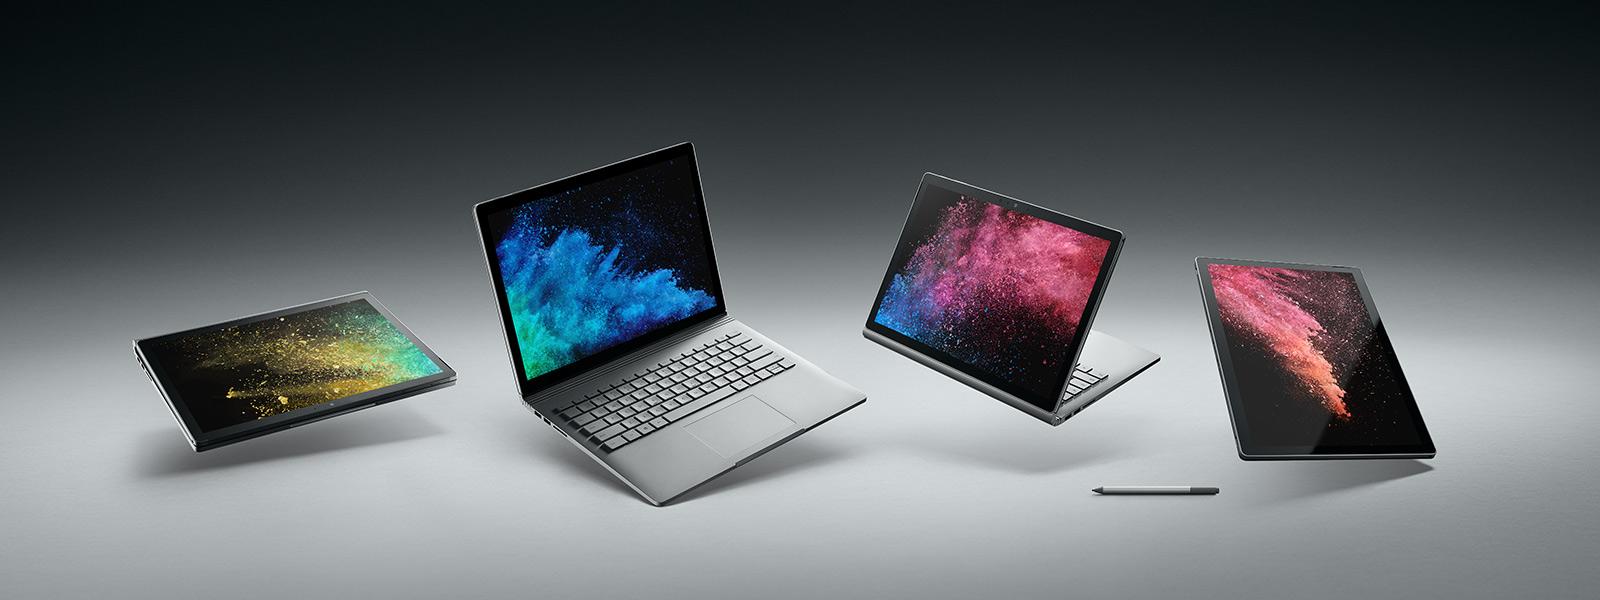 Surface Book 2 mostrado em vários modos, com uma Caneta para Surface.